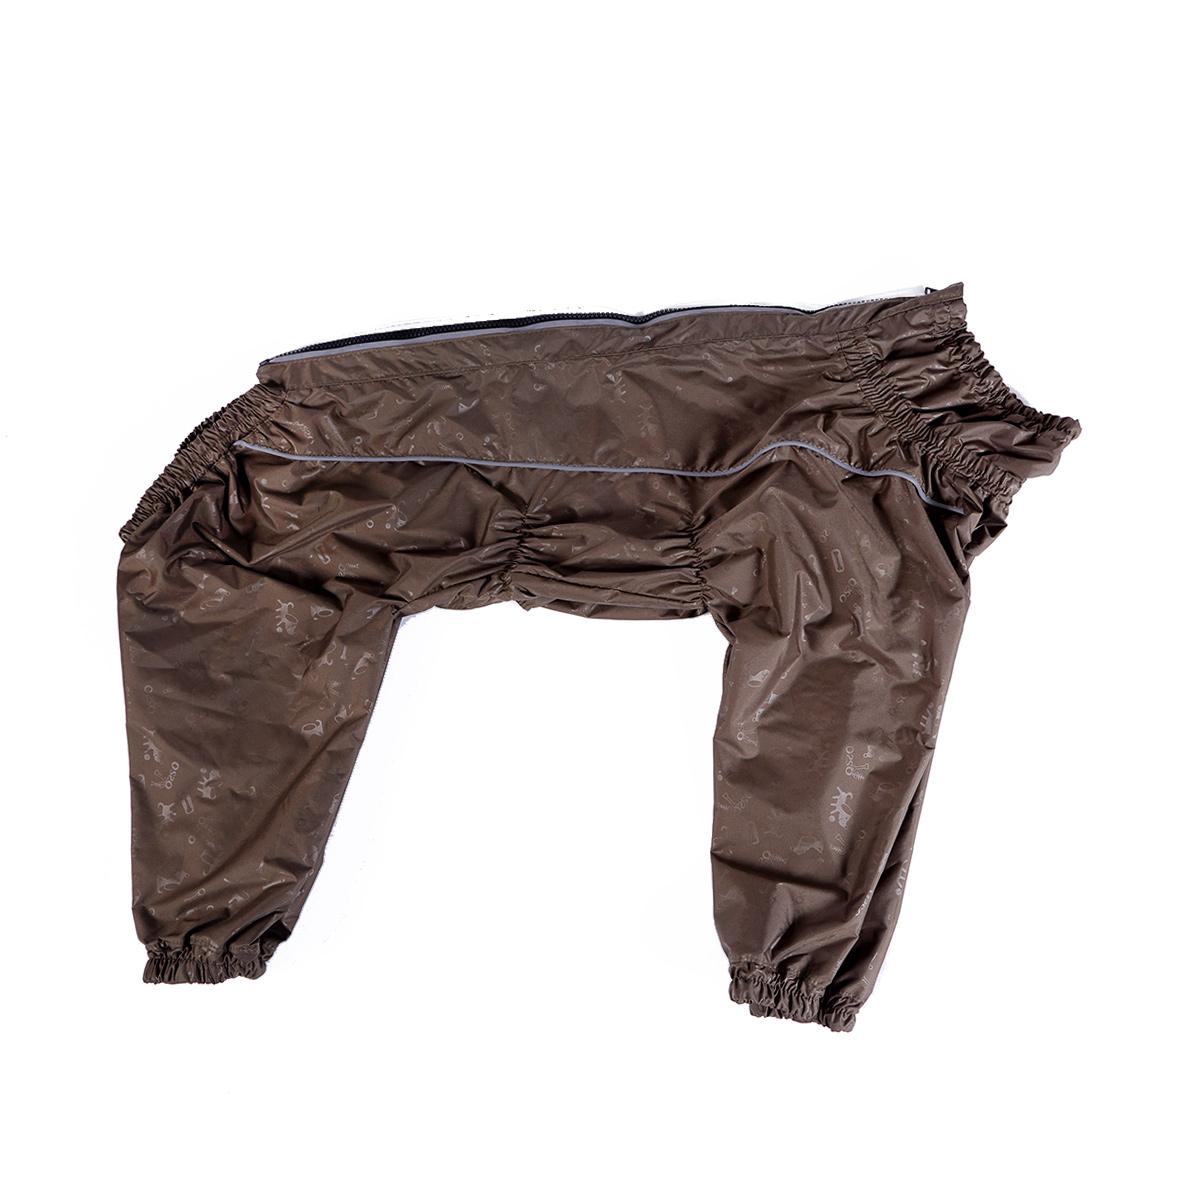 Комбинезон для собак OSSO Fashion, для мальчика, цвет: хаки. Размер 60К-1028-хакиКомбинезон для собак без подкладки из водоотталкивающей и ветрозащитной ткани (100% полиэстер). Предназначен для прогулок в межсезонье, в сырую погоду для защиты собаки от грязи и воды. В комбинезоне используется отделка со светоотражающим кантом и тракторная молния со светоотражающей полосой. Комбинезон для собак эргономичен, удобен, не сковывает движений собаки при беге, во время игры и при дрессировке. Комфортная посадка по корпусу достигается за счет резинок-утяжек под грудью и животом. На воротнике имеется кнопка для фиксации. От попадания воды и грязи внутрь комбинезона низ штанин также сборен на резинку. Рекомендуется машинная стирка с использованием средства для стирки деликатных тканей при температуре не выше 40?С и загрузке барабана не более чем на 40% от его объема, отжим при скорости не более 400/500 об/мин, сушка на воздухе – с целью уменьшения воздействия на водоотталкивающую (PU) пропитку ткани. Рекомендации по подбору размера: Размер подбирается по длине спины собаки....